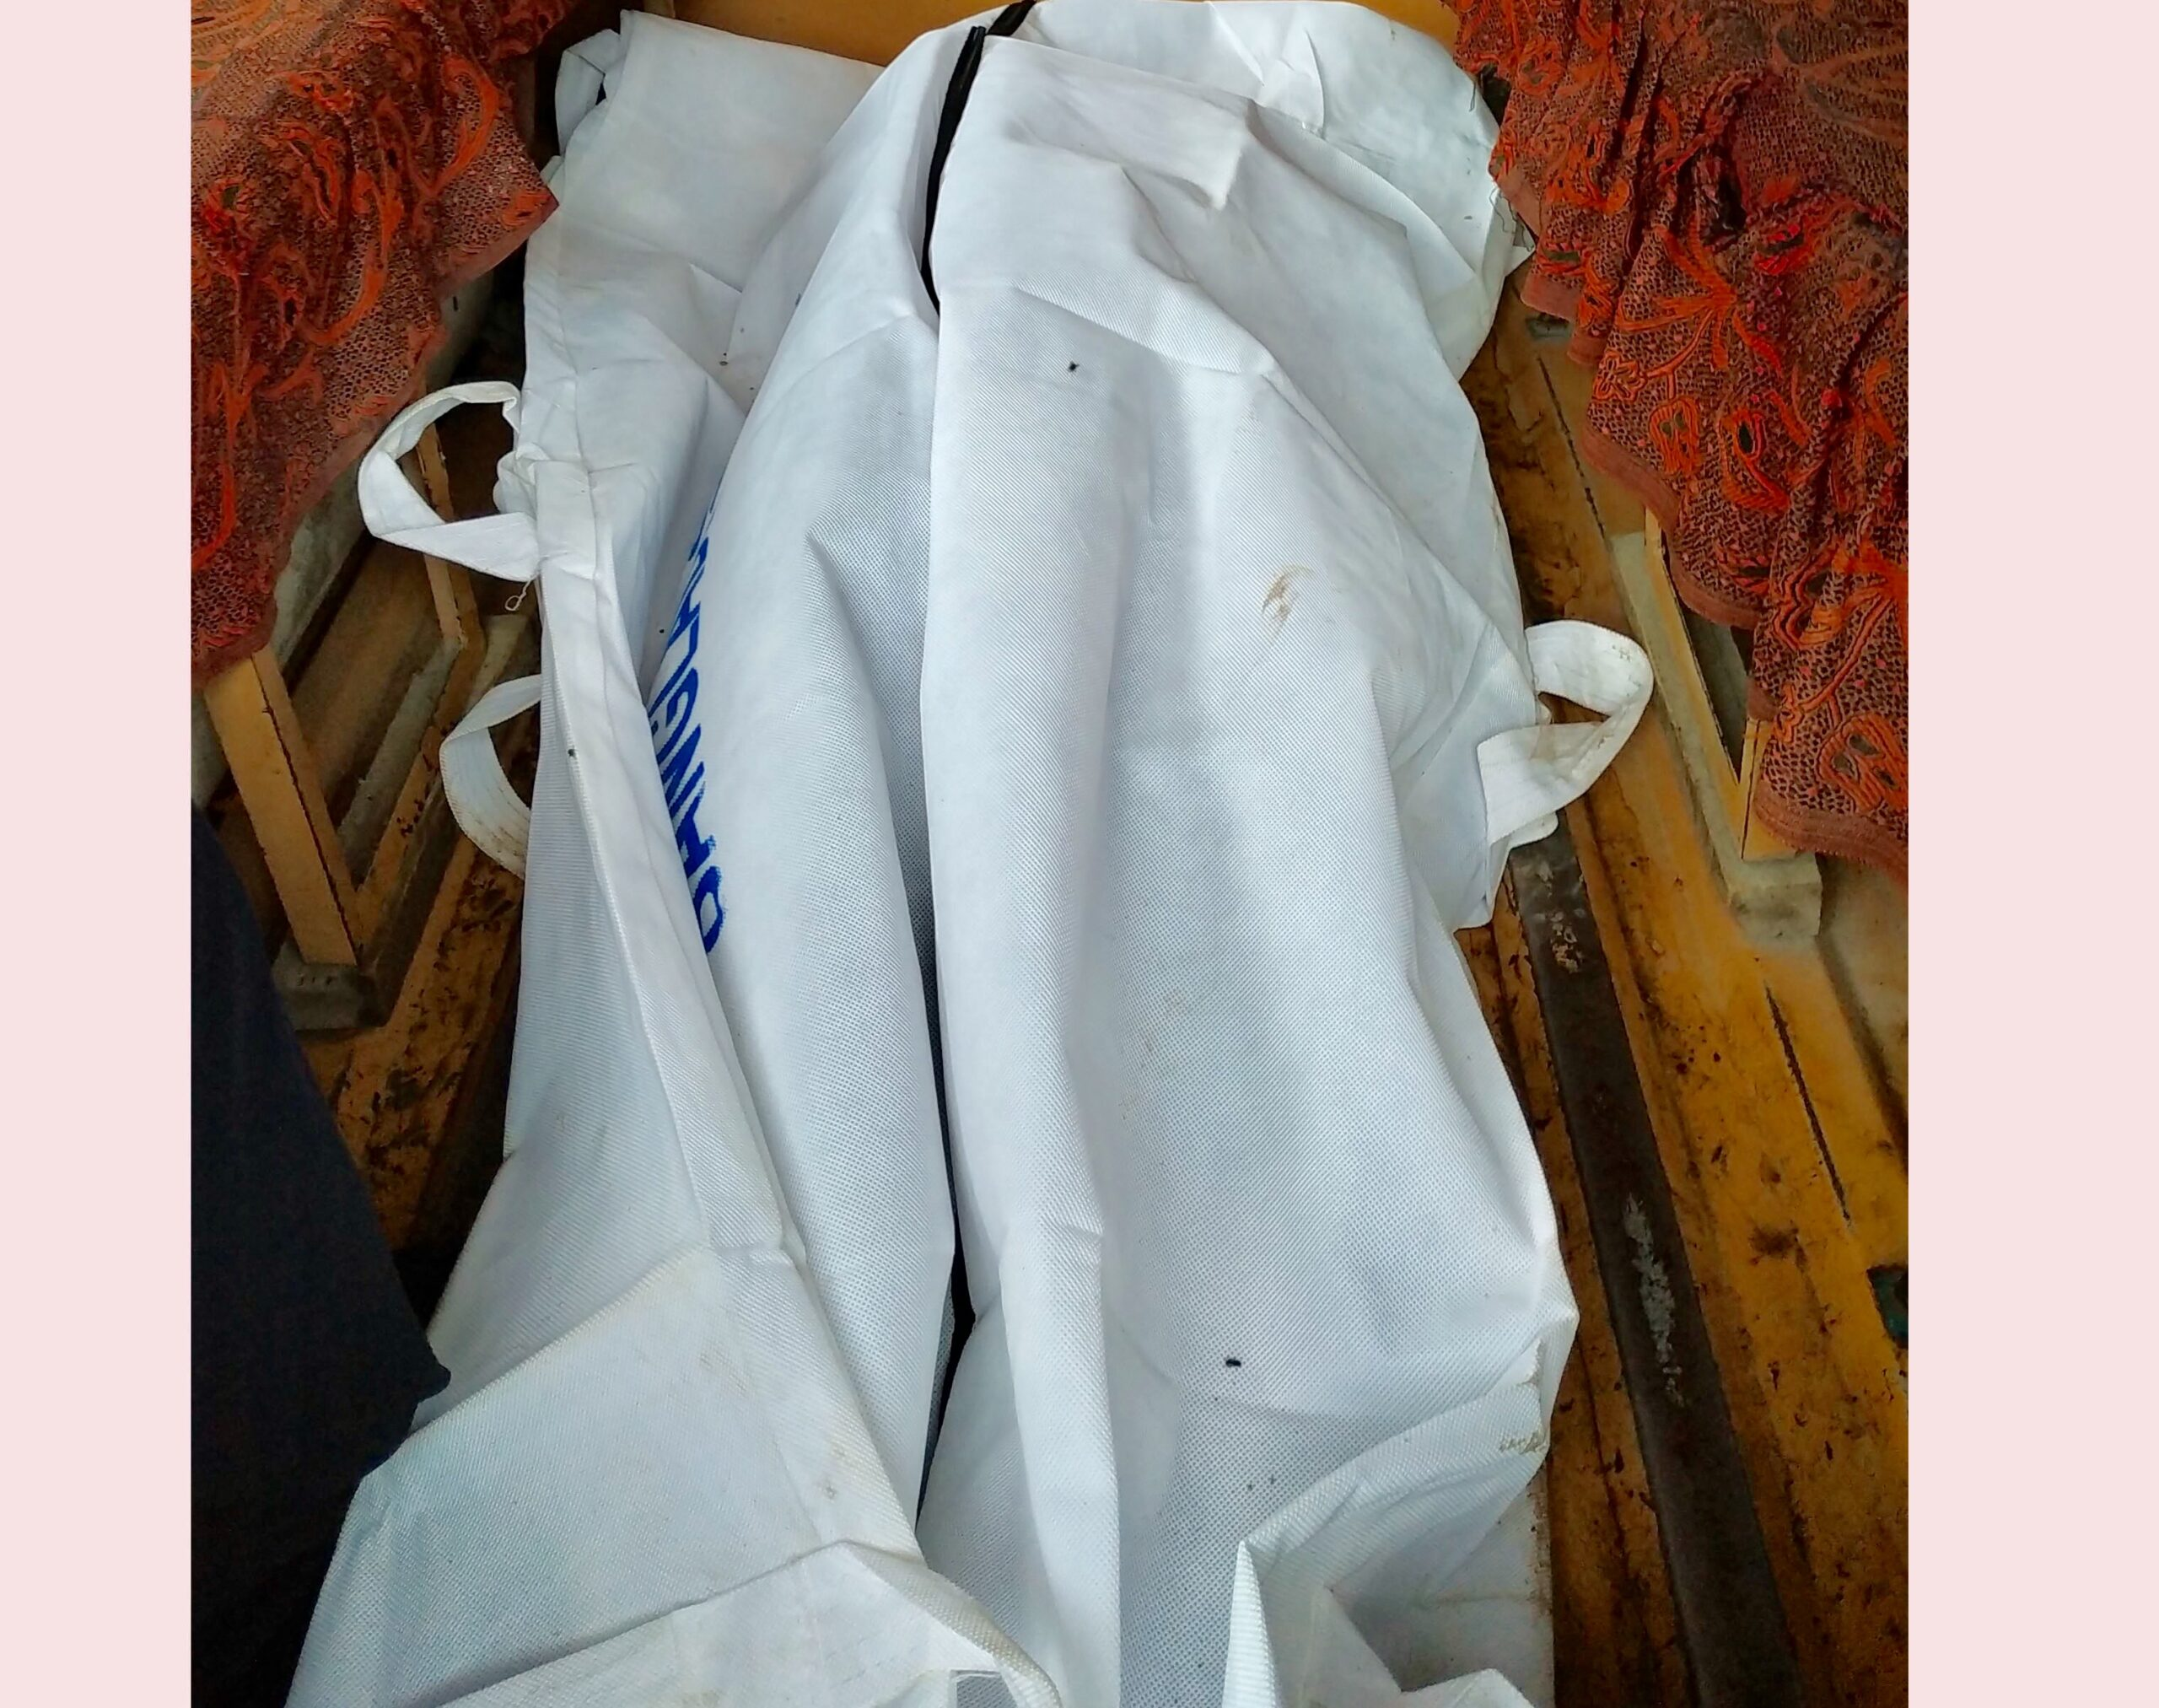 কানাইঘাটে ৫মাসের অন্তসত্ত্বা নারীর রহস্য জনক মৃত্যু, থানায় অভিযোগ